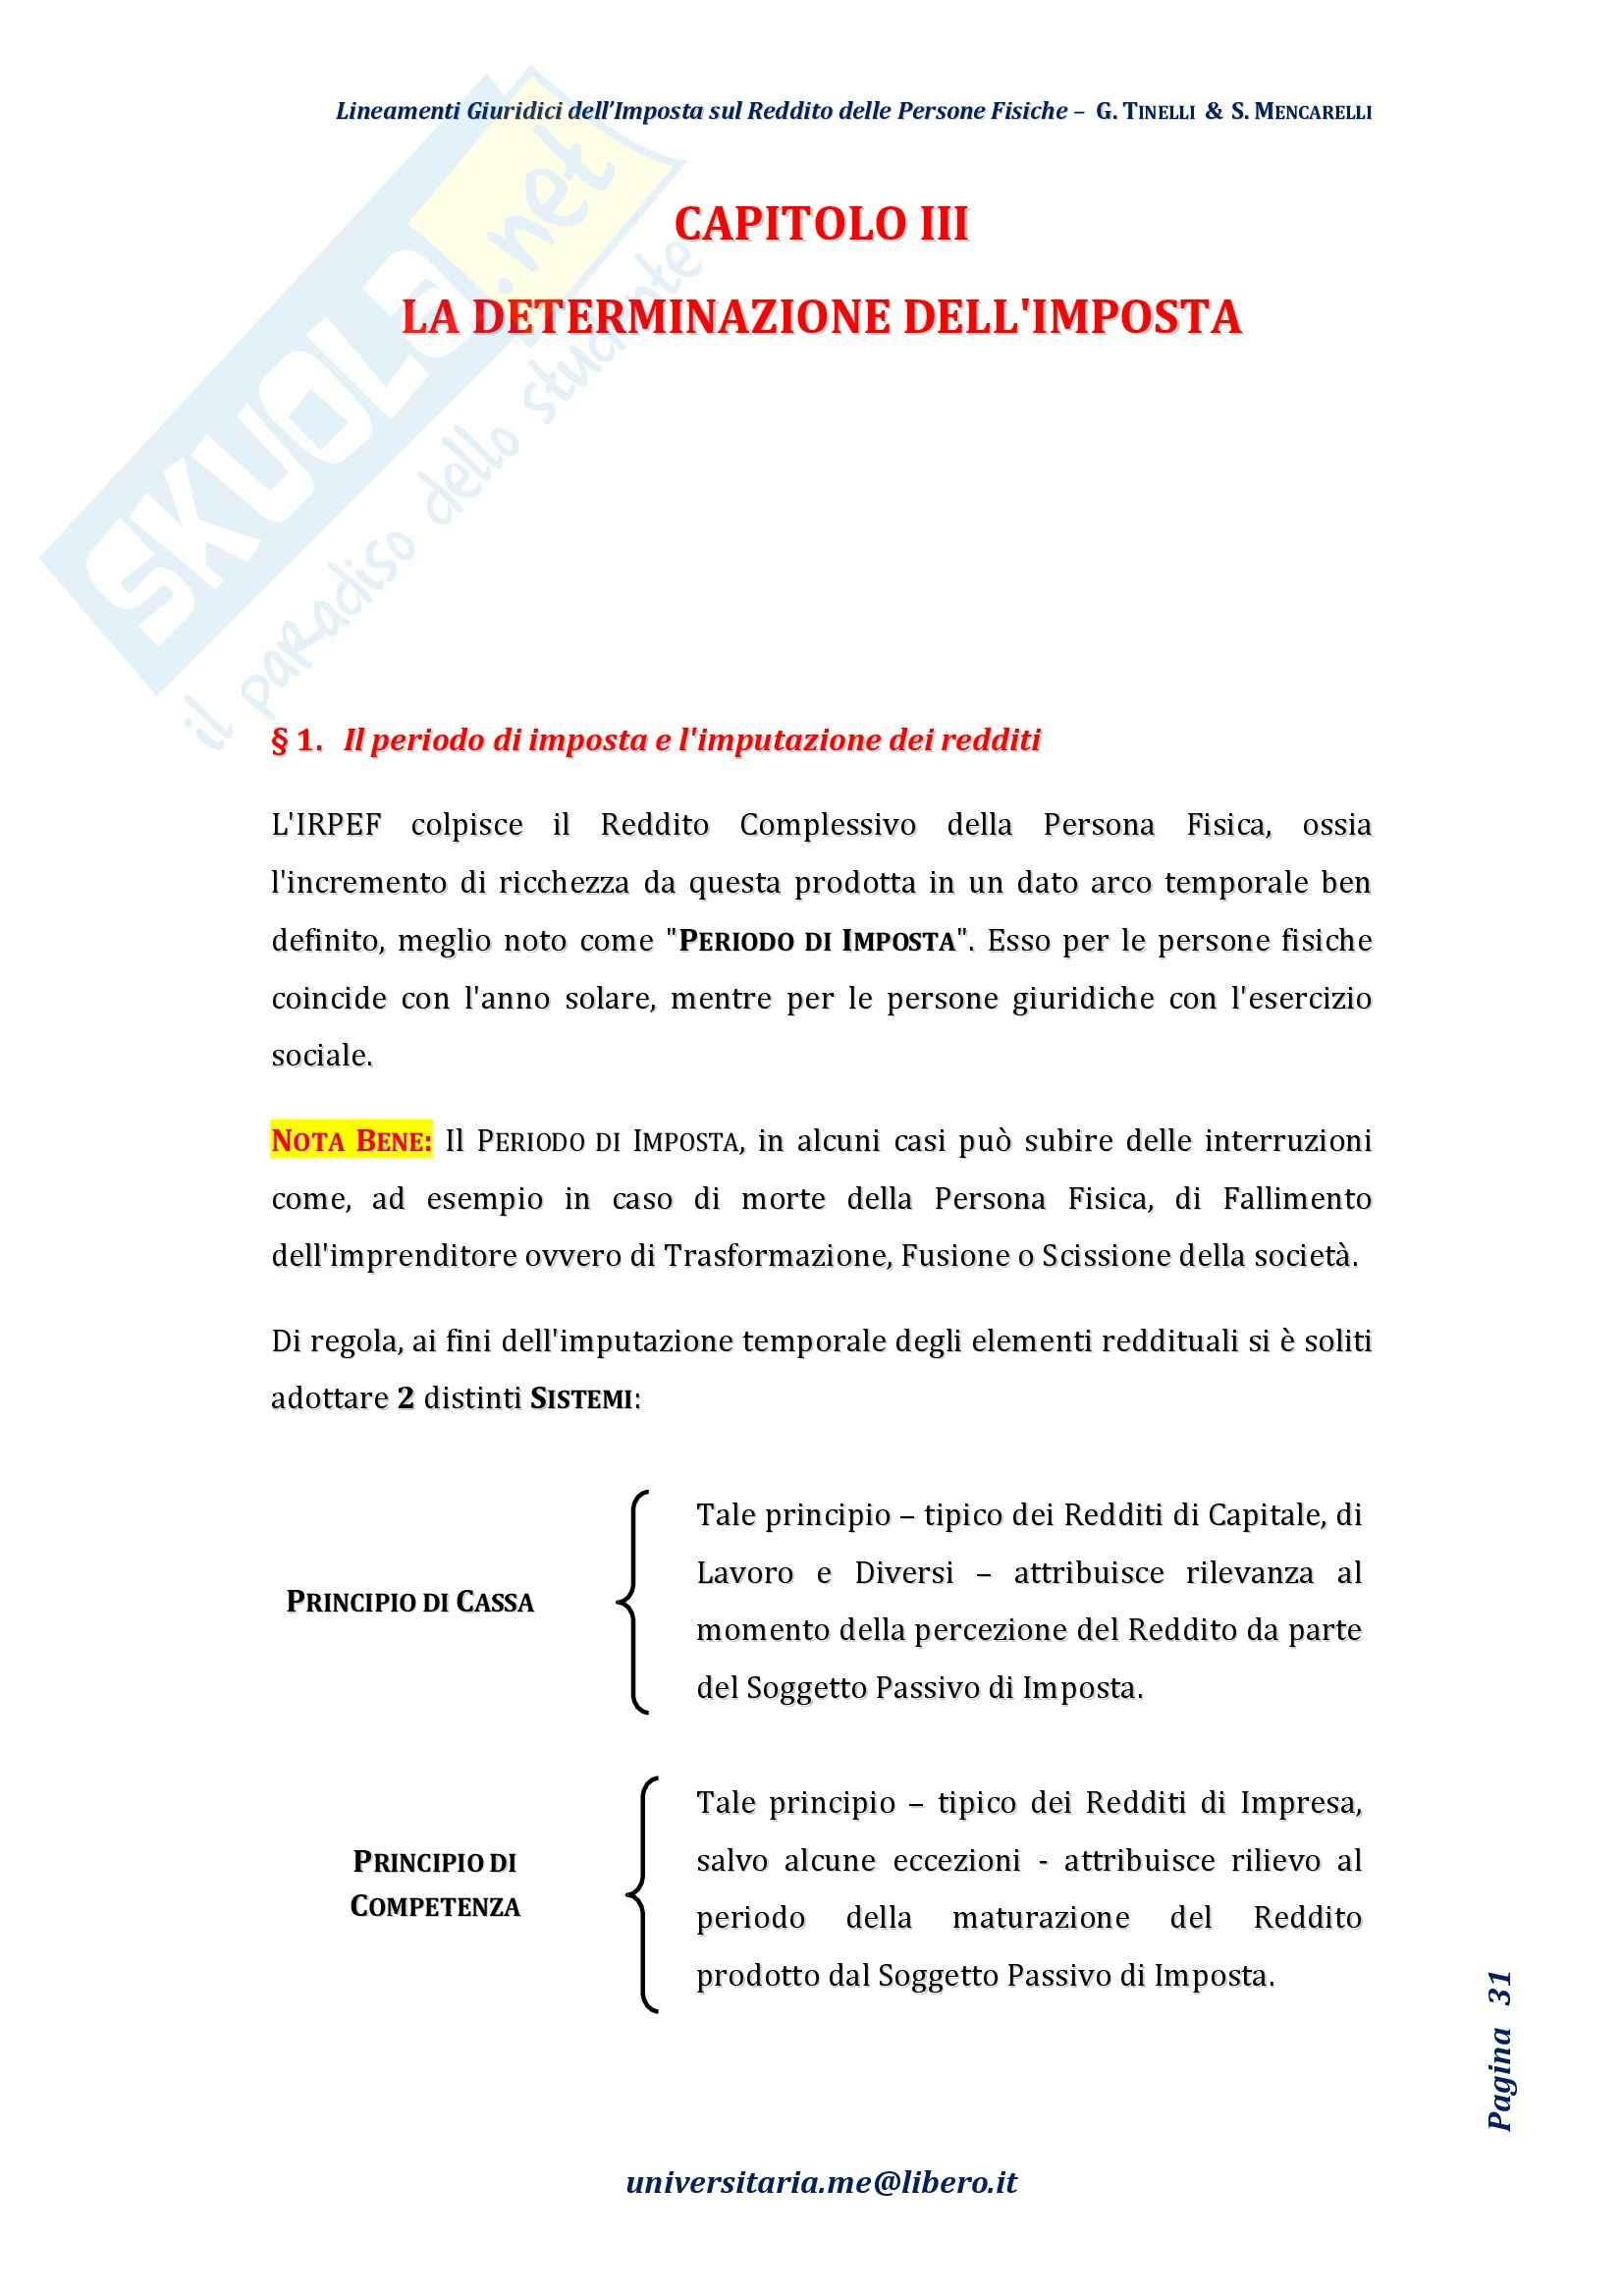 Riassunto esame Diritto Tributario, Prof. Tinelli, libro consigliato: Lineamenti giuridici dell'imposta sul reddito delle persone fisiche, Tinelli, Mencarelli Pag. 31